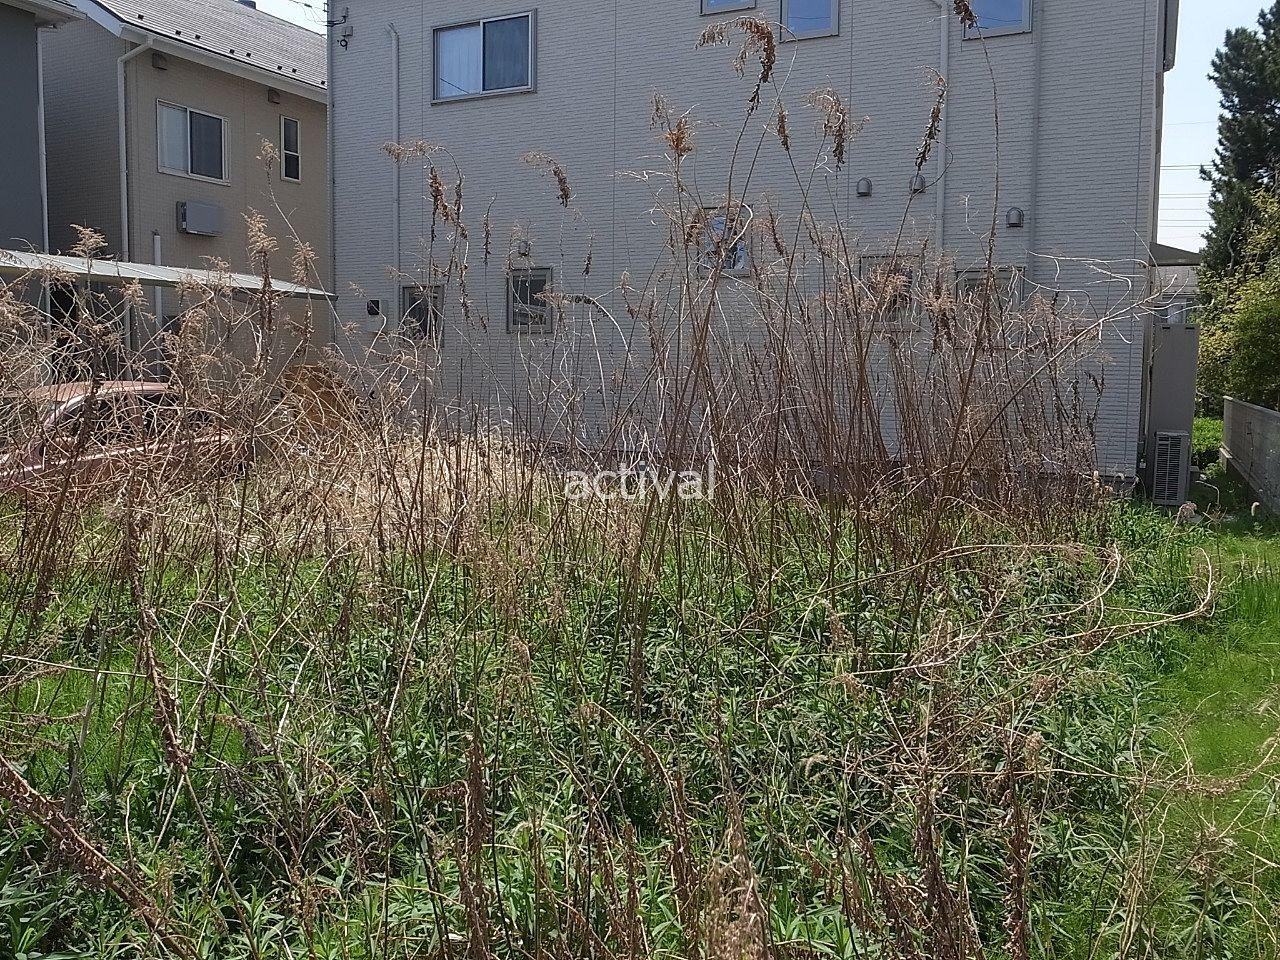 空き地には枯れている草も一部あります!